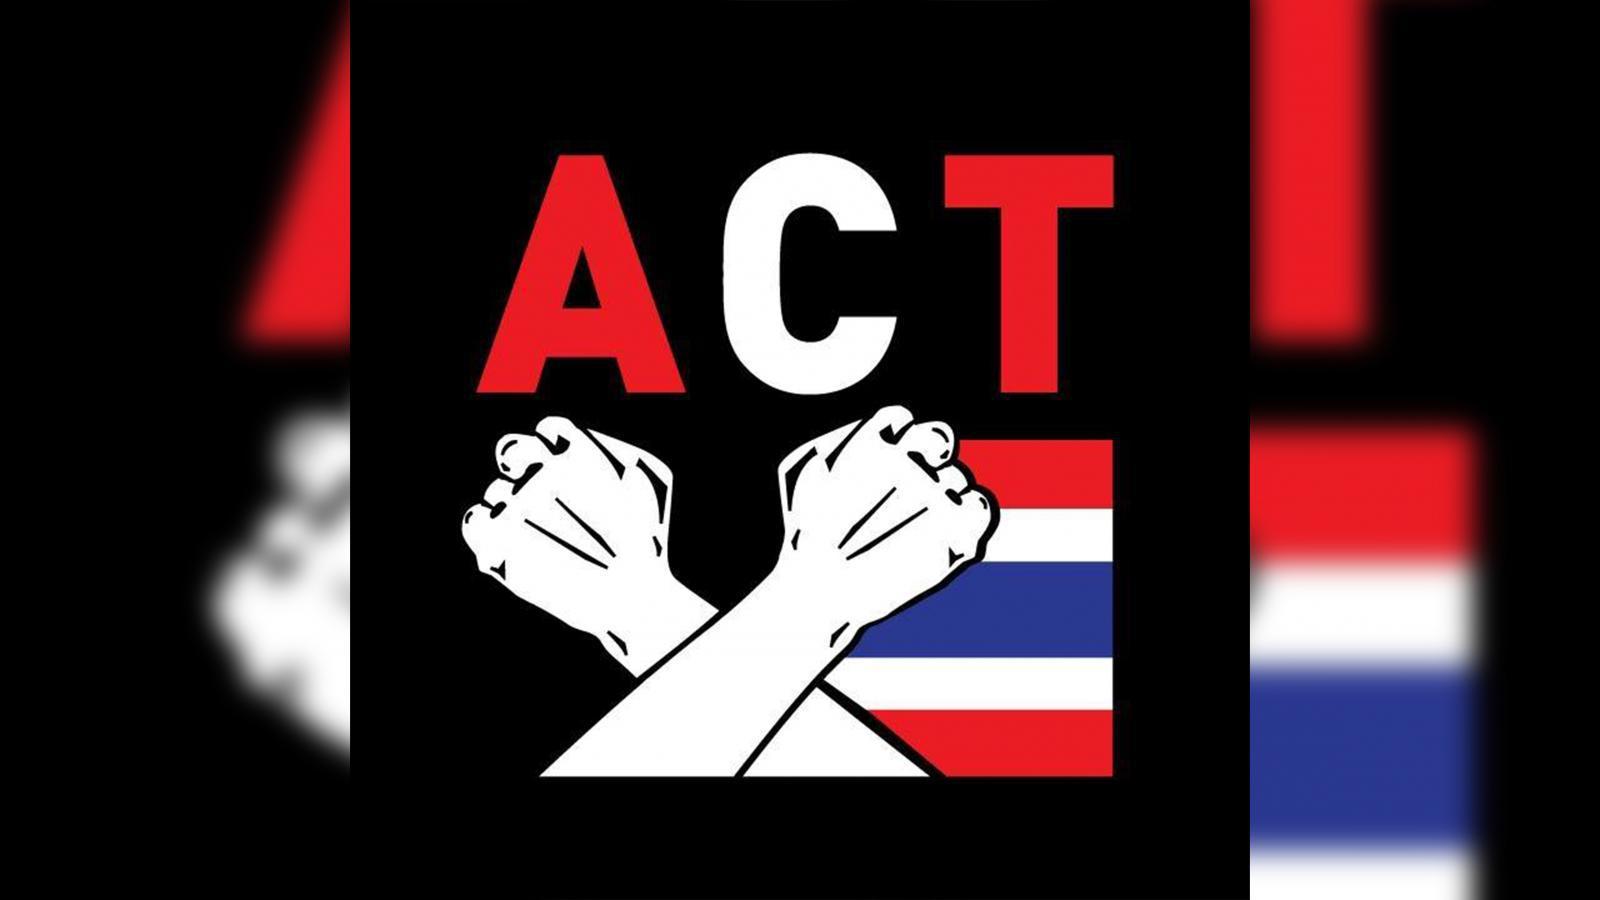 องค์กรต่อต้านคอร์รัปชัน เรียกร้องรัฐแสดงจุดยืนต้านทุจริต ปมหน้ากากฉาว